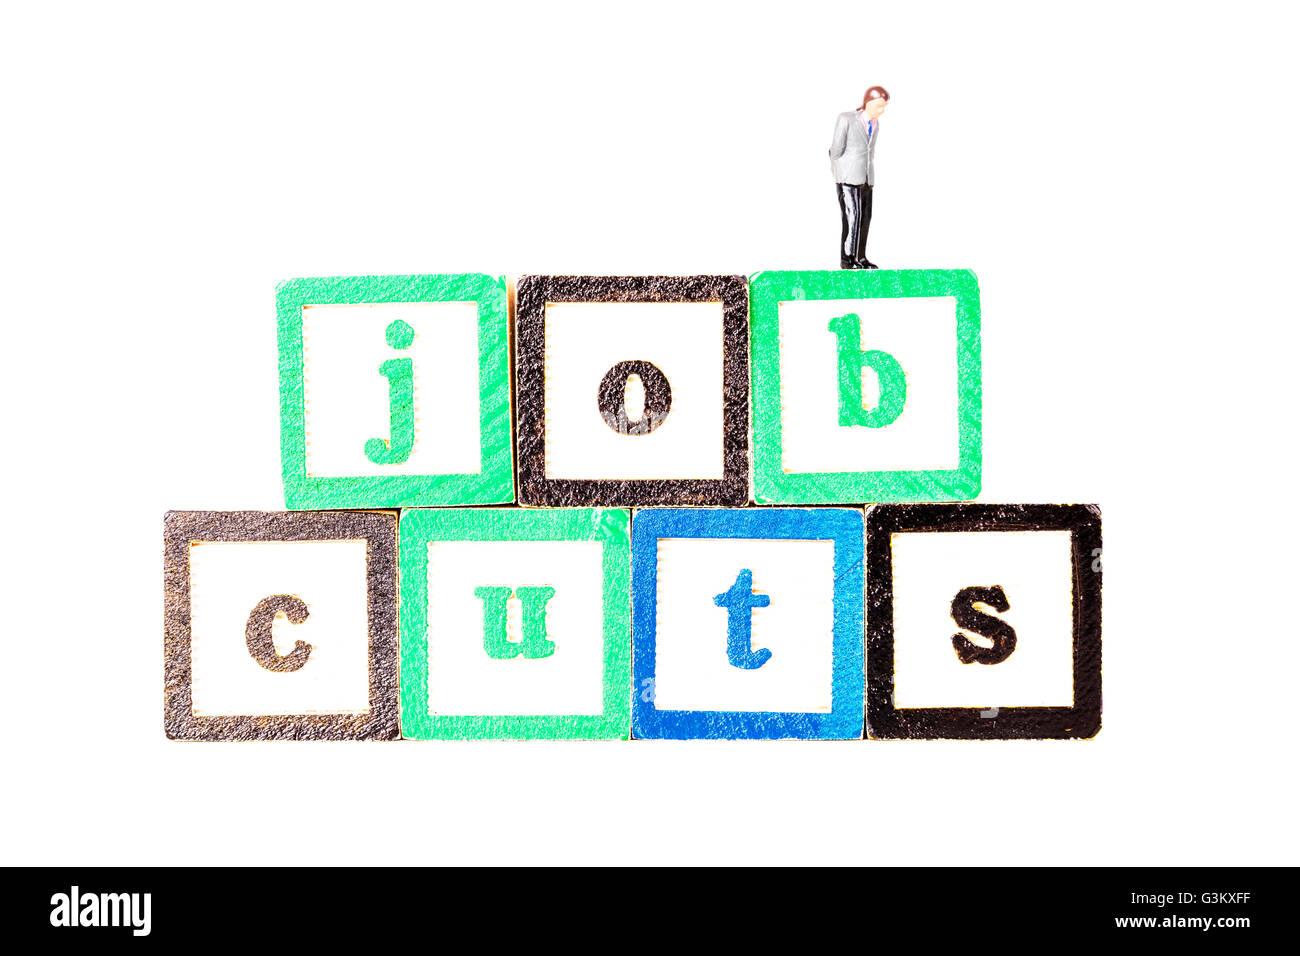 Tagli di posti di lavoro licenziamenti la ridondanza dei tagli la perdita di lavoro dei lavoratori che perdono l'occupazione Immagini Stock